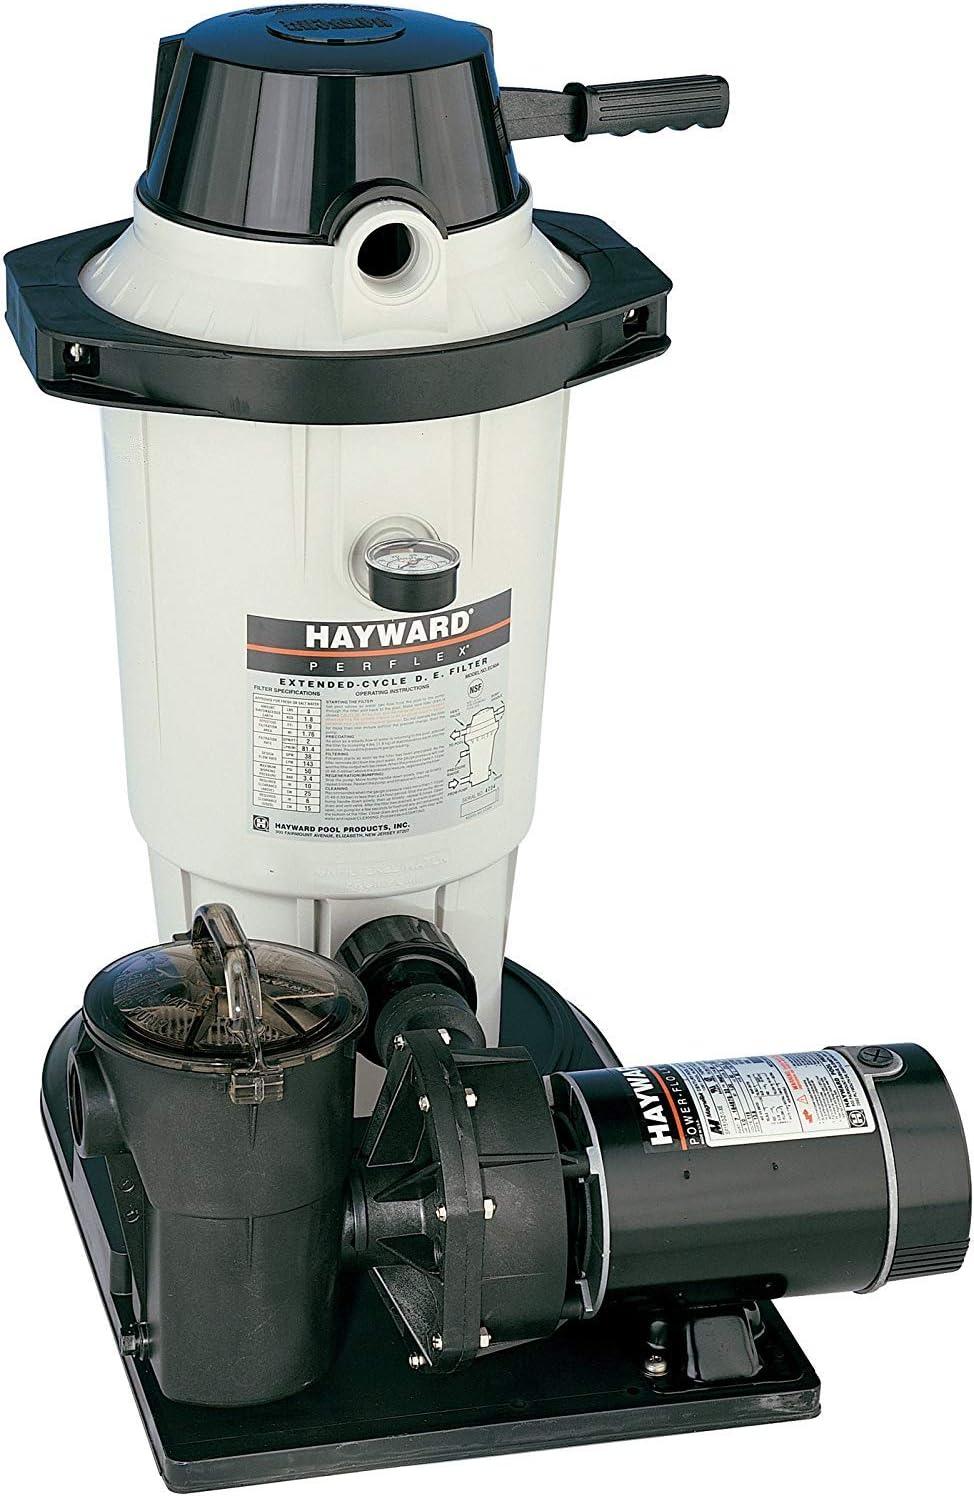 Hayward W3EC40C92S Perflex 1 HP D.E. Filter Pump System